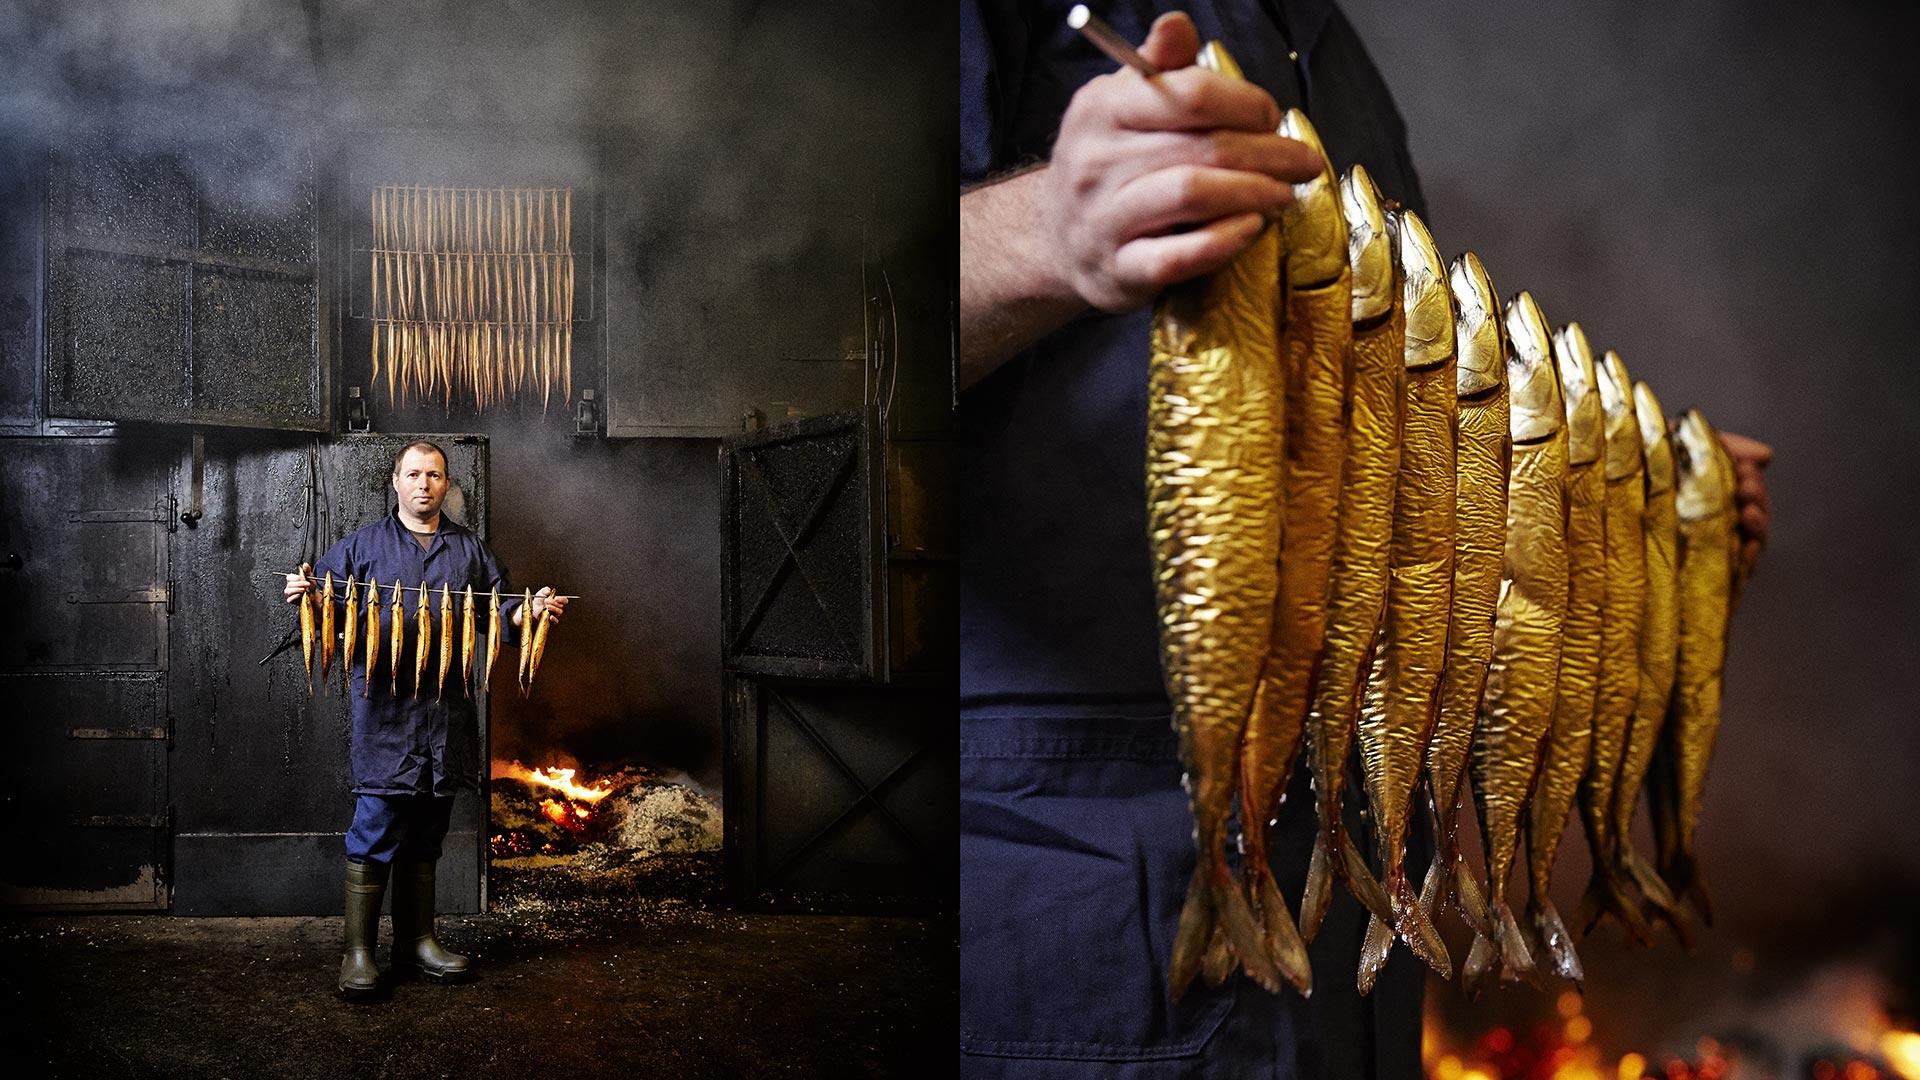 PDJPhoto, Peter de Jong, sluisweg 59, 2225 xj, Katwijk, 2015, makreelroker, rokerij, deka, vuur